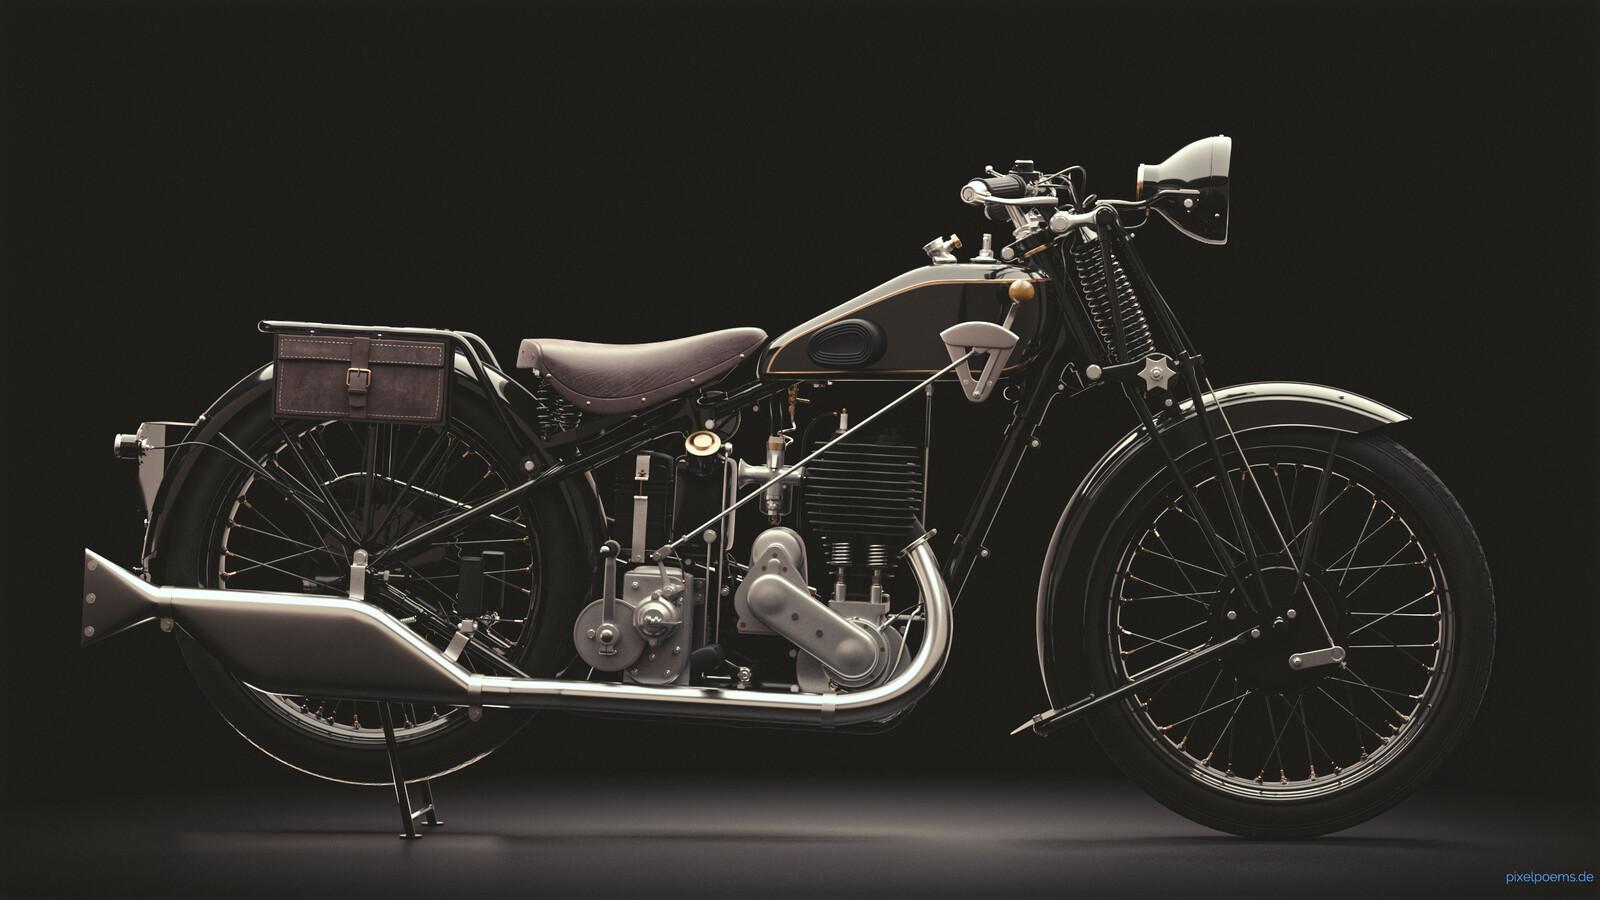 Vintage motorcycle Ariel 550 SV